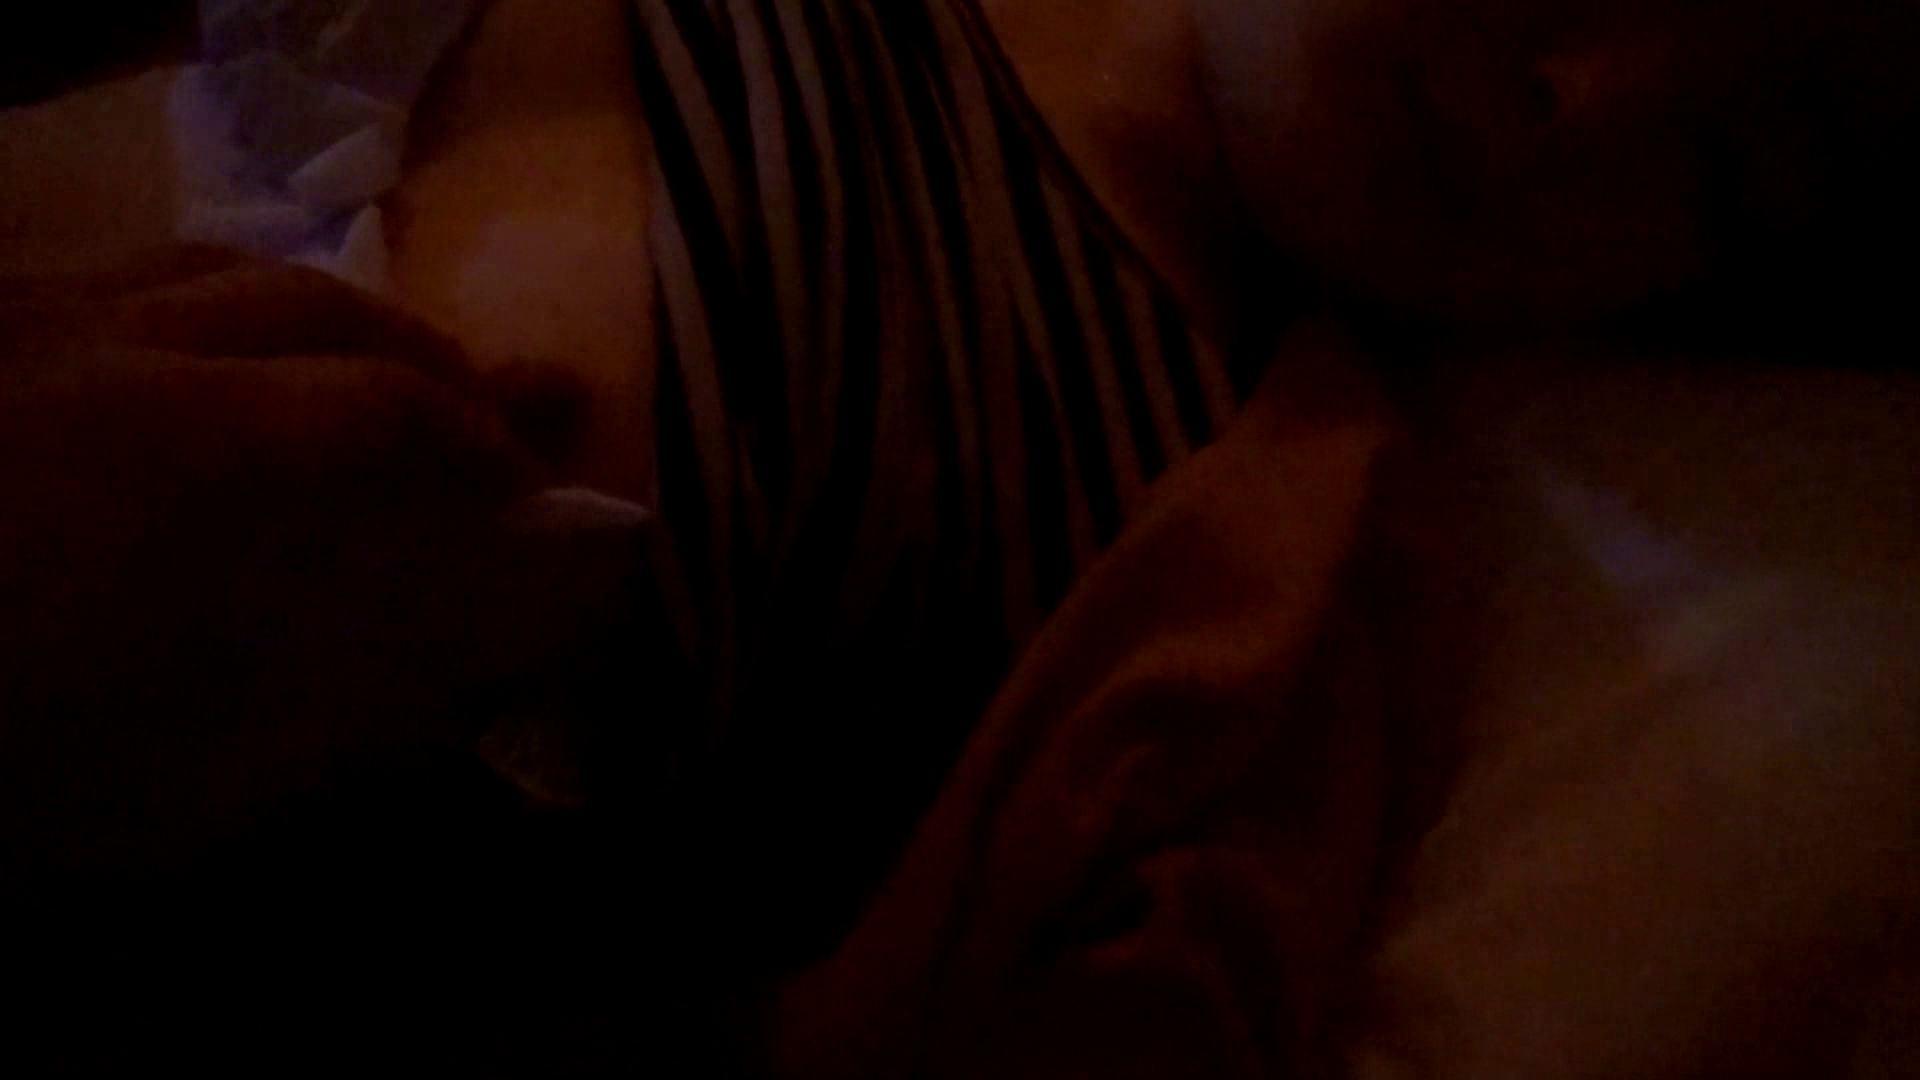 vol.31 【KTちゃん】現役JD居酒屋アルバイト 3回目? ギャル達 | 桃色乳首  93枚 49